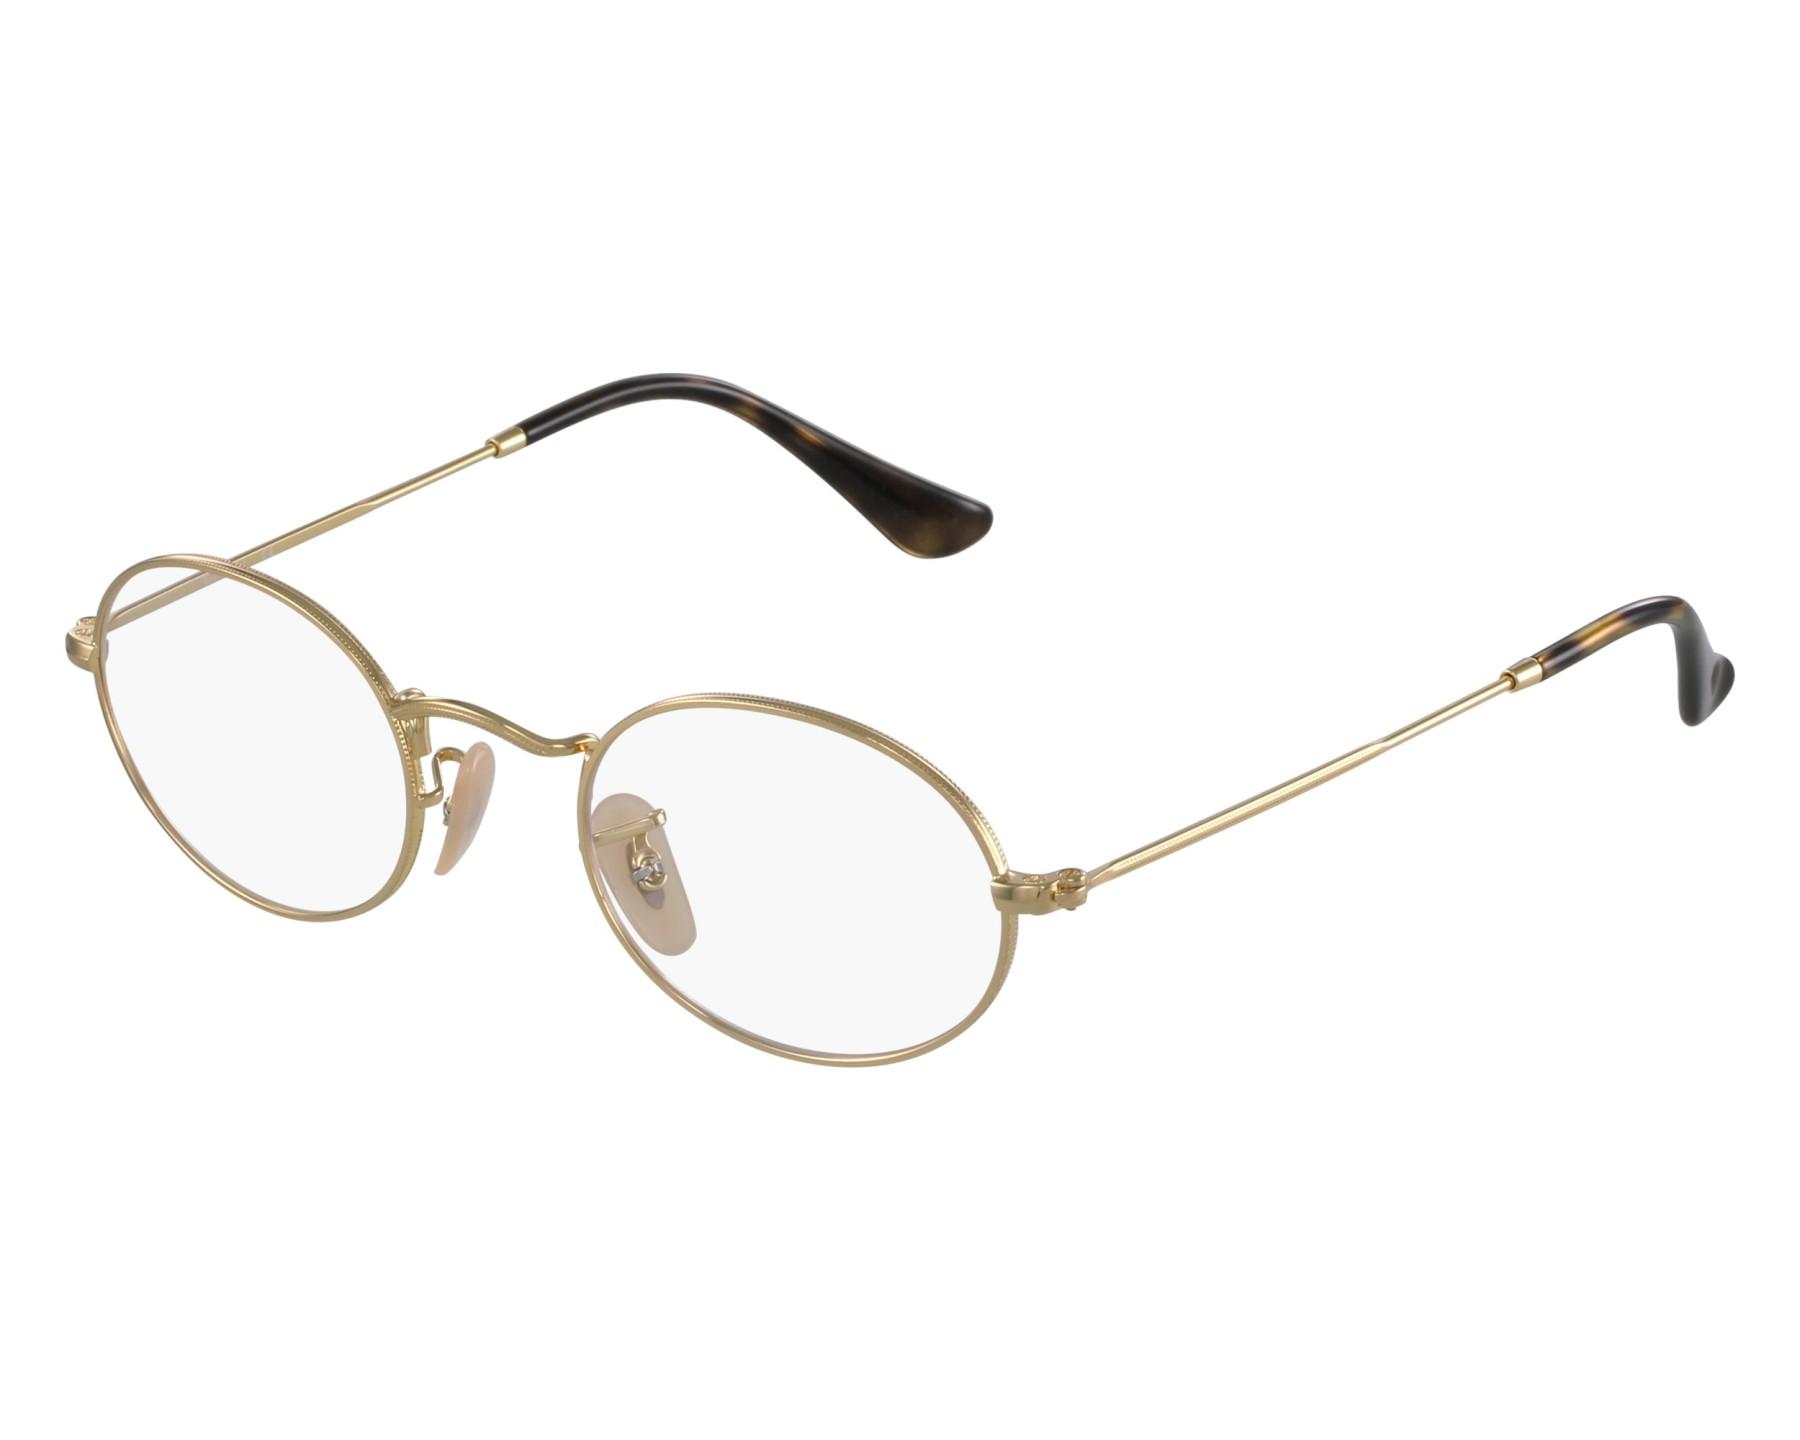 Ray Ban Eyeglasses Rx Gold